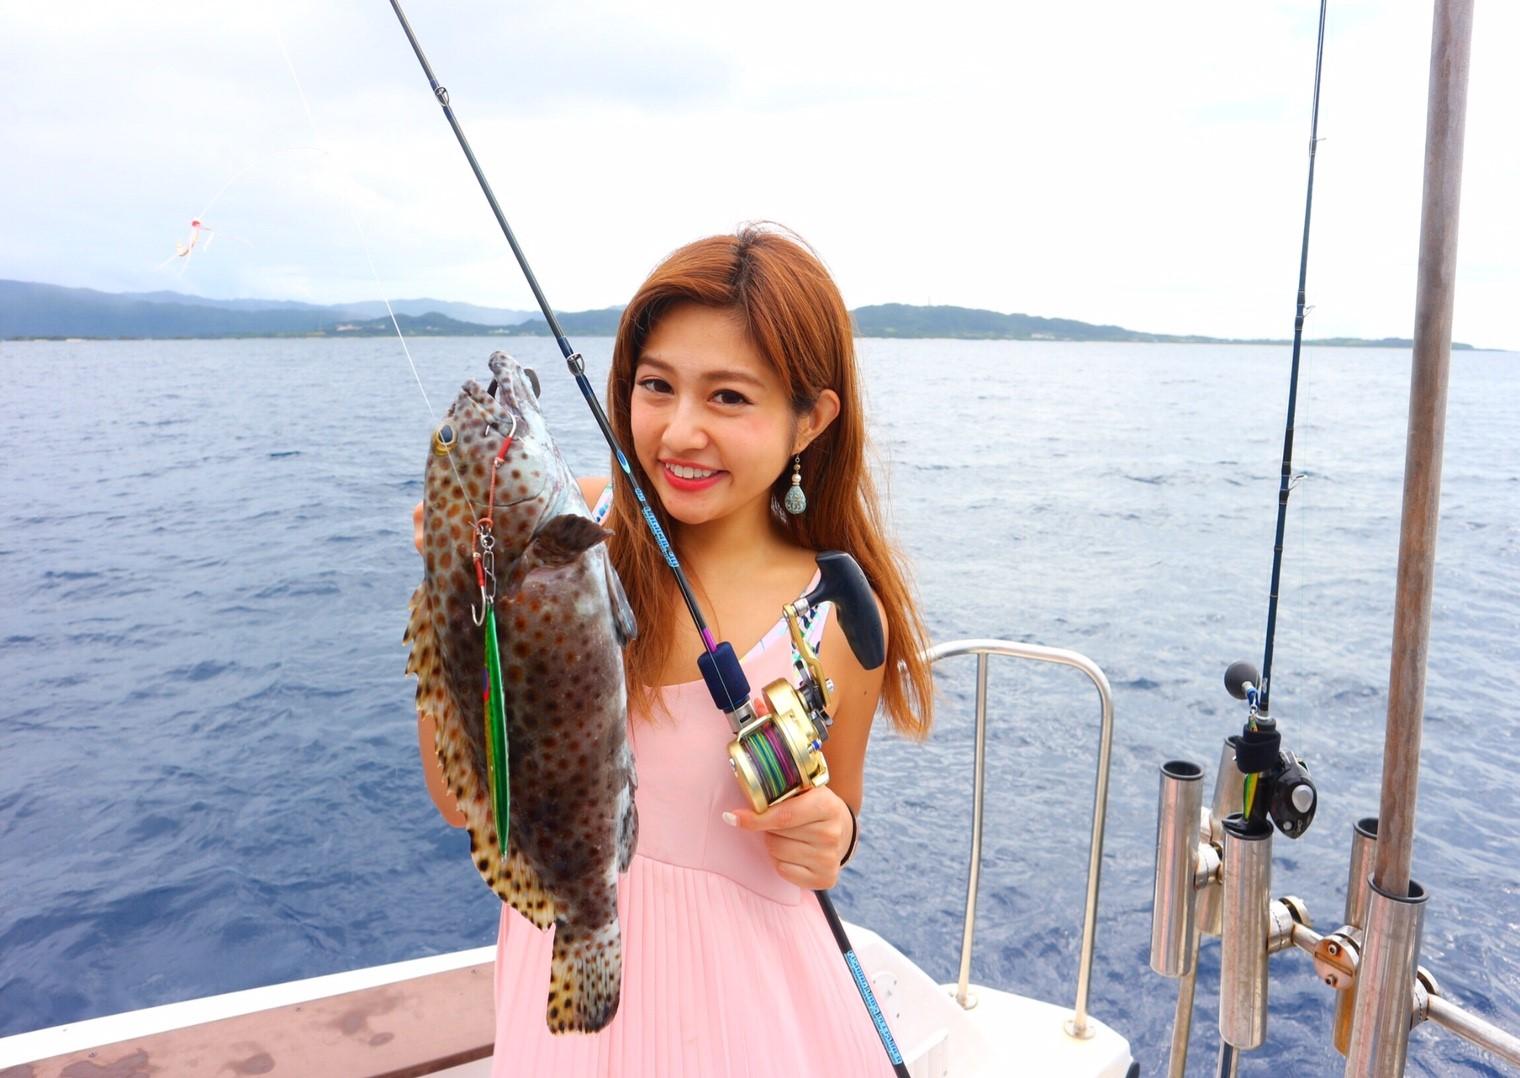 石垣島釣りツアー参加の女性